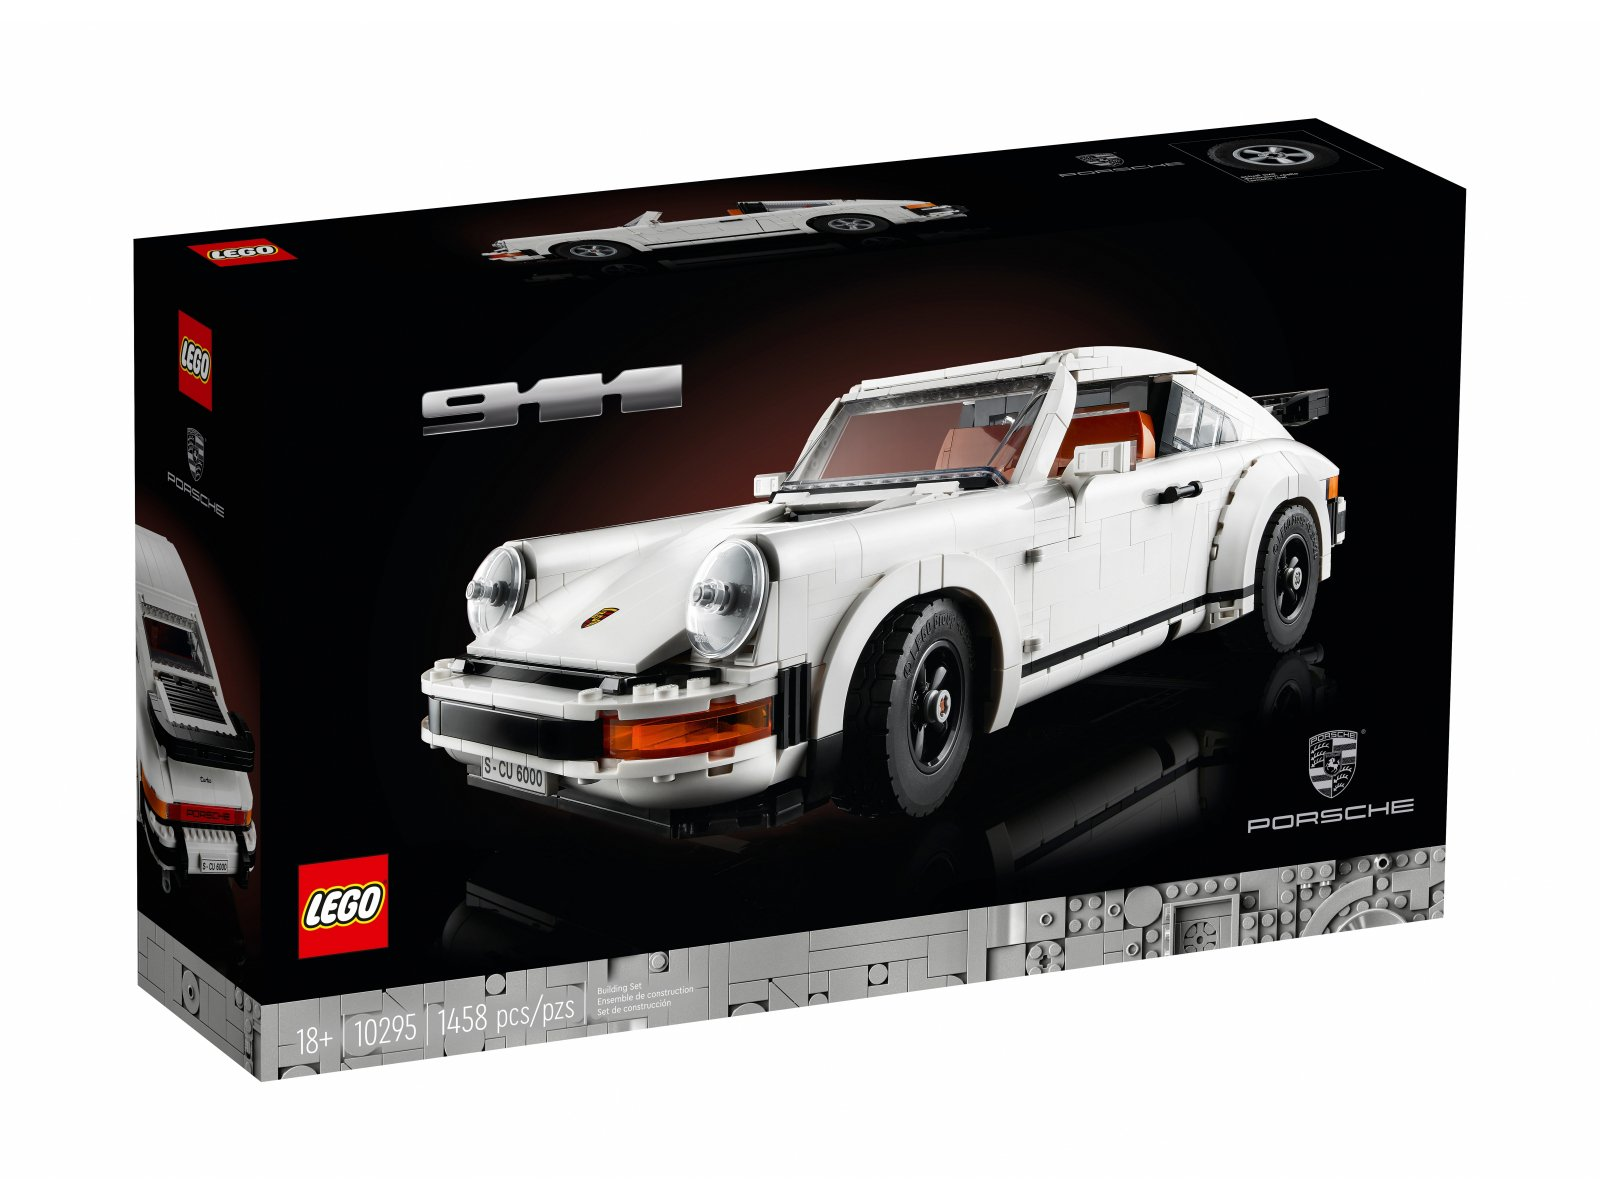 LEGO 10295 Porsche 911